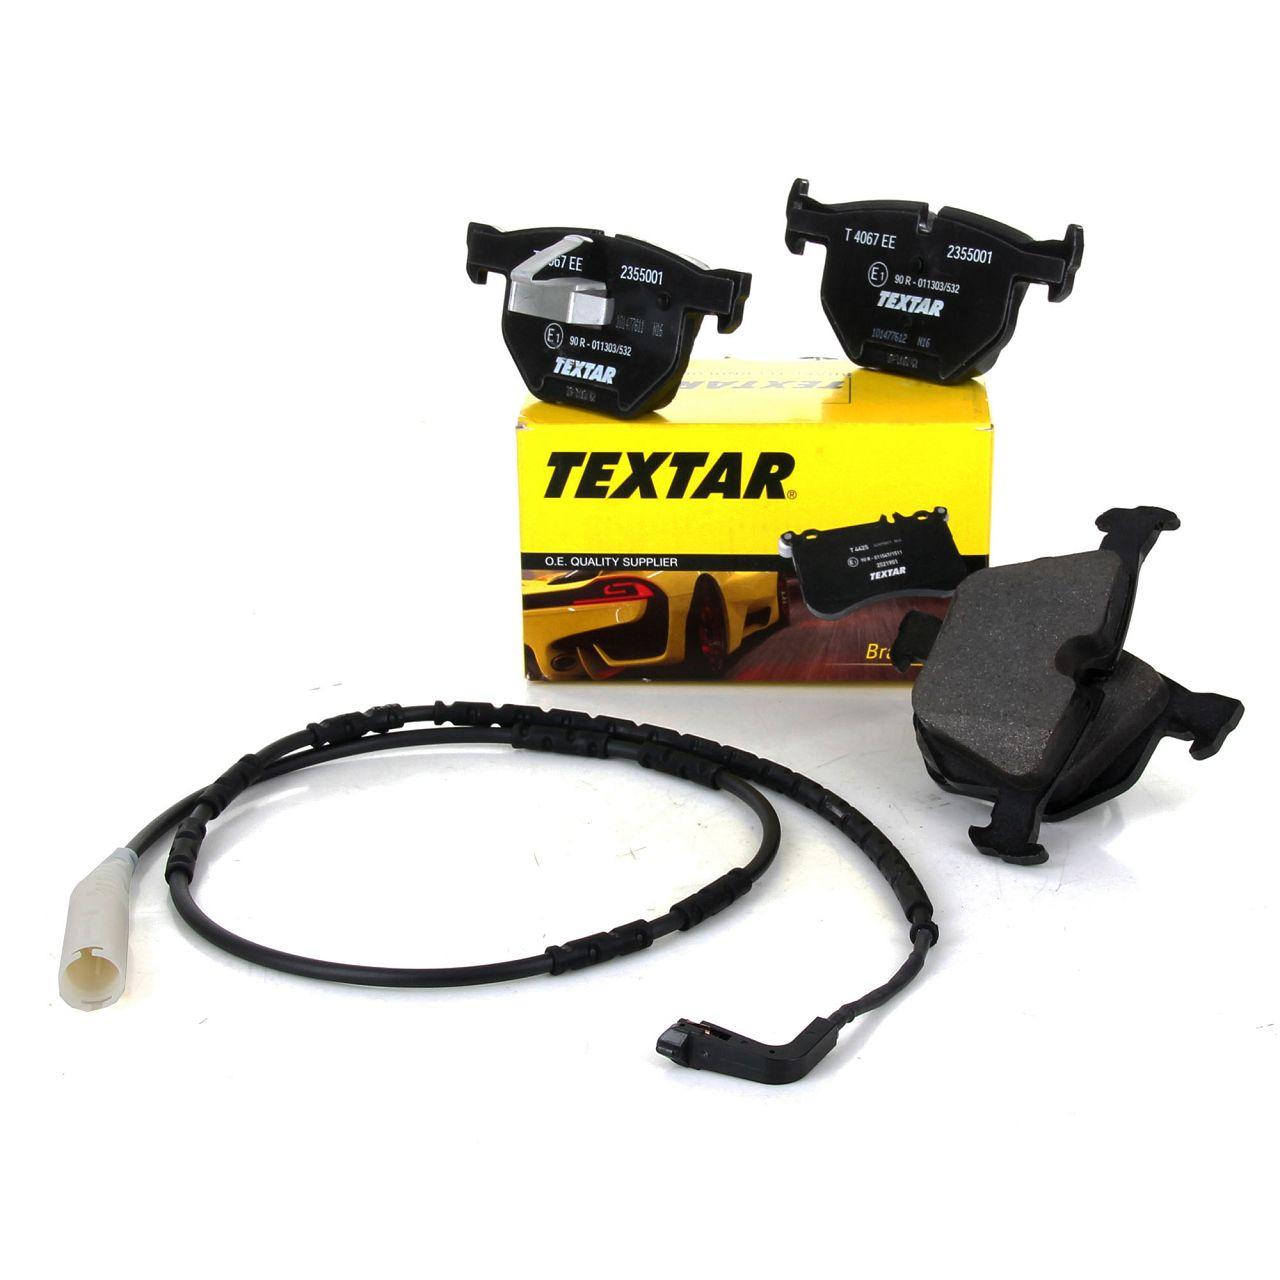 TEXTAR Bremsbeläge + Wako für BMW 3er E90 E91 E92 E93 330i 335i 325-335d hinten